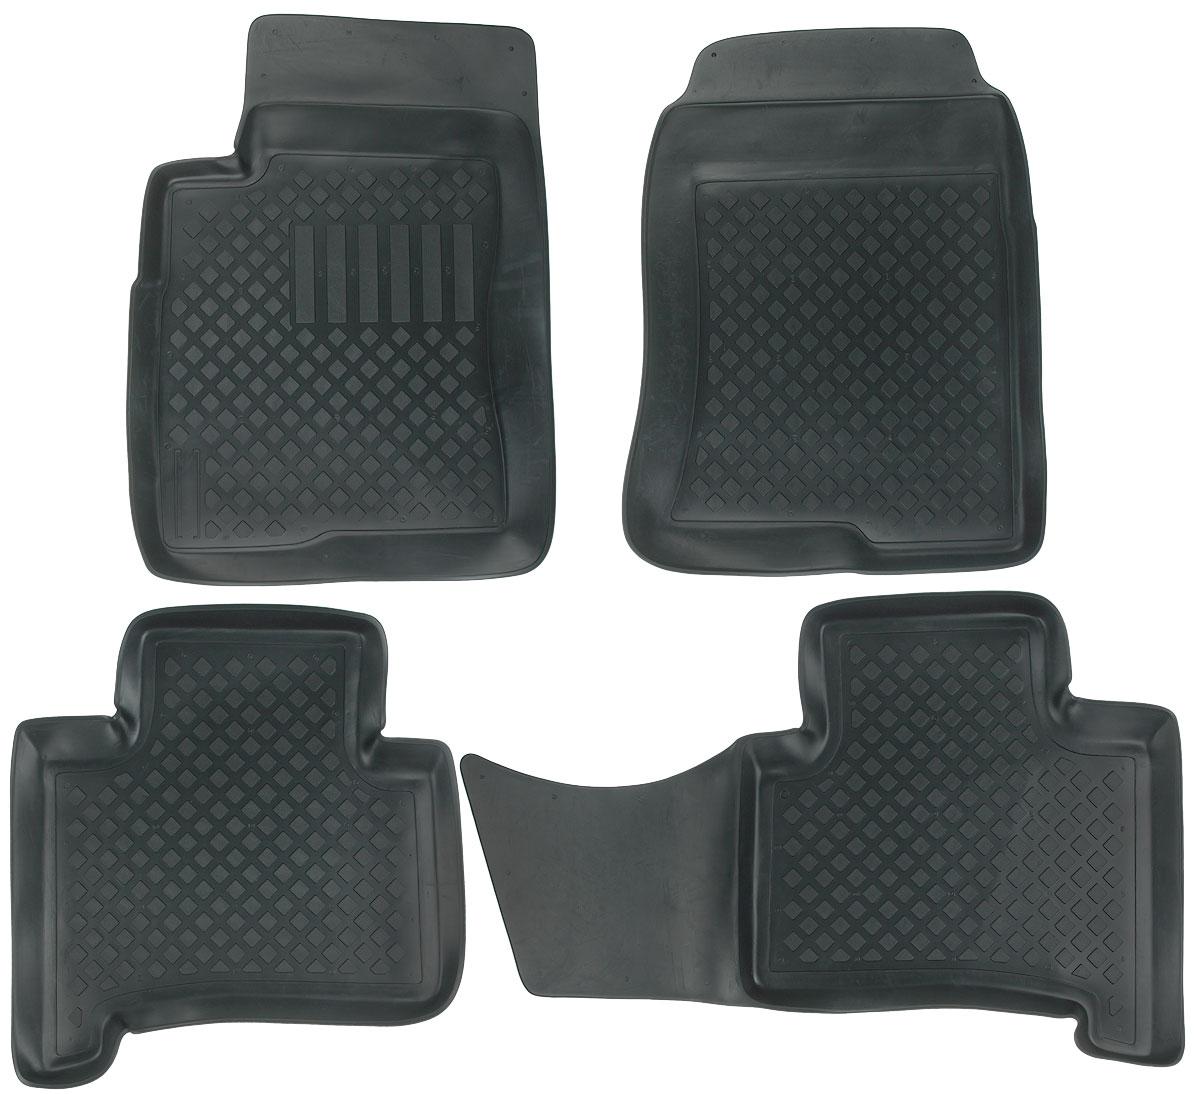 Набор автомобильных ковриков L.Locker, для Toyota Land Cruiser Prado (02-), в салон, 4 шт21395599Набор L.Locker, изготовленный из полиуретана, состоит из 4 антискользящих 3D ковриков, которые производятся индивидуально для каждой модели автомобиля. Изделие точно повторяет геометрию пола автомобиля, имеет высокий борт, обладает повышенной износоустойчивостью, лишено резкого запаха и сохраняет свои потребительские свойства в широком диапазоне температур от -50°С до +50°С. Комплектация: 4 шт.Размер ковриков: 75 см х 56 см; 95 см х 54 см; 59 см х 64 см; 72 см х 54 см.